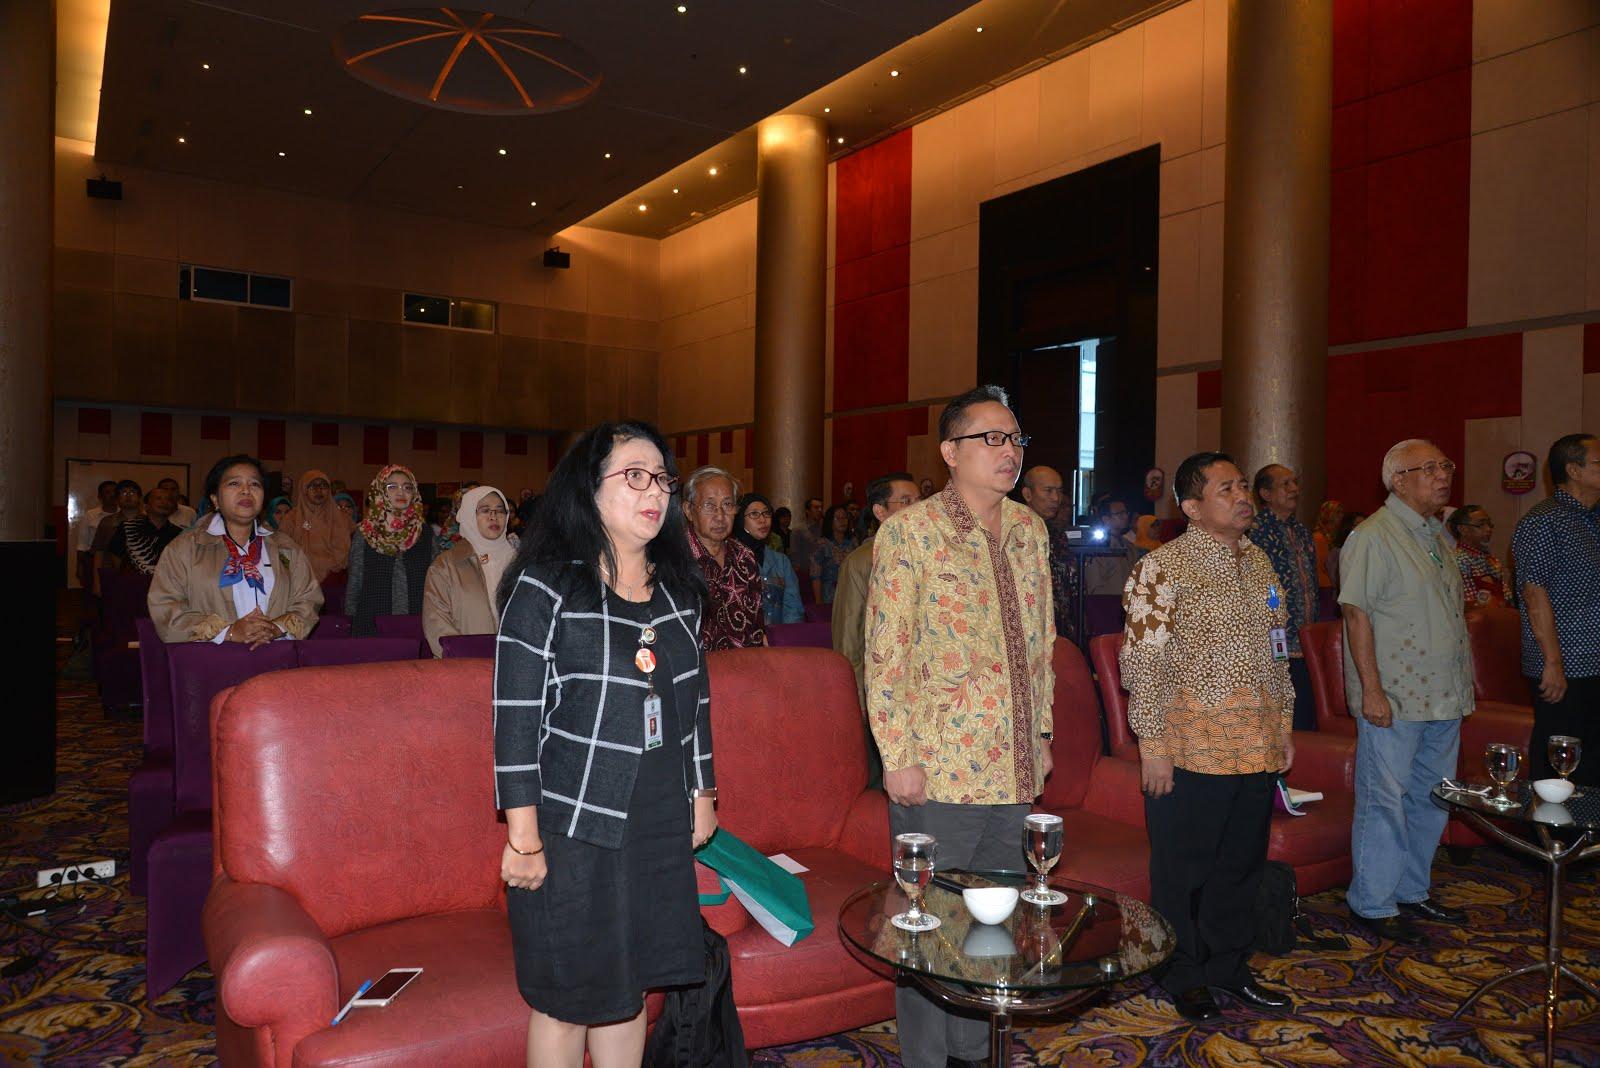 Annual Malaria Research in Indonesia, Seminar dan Lokakarya Kewaspadaan Menghadapi Resistensi Obat Anti Malaria Dalam Mendukung Eliminasi Malaria  Pilihan